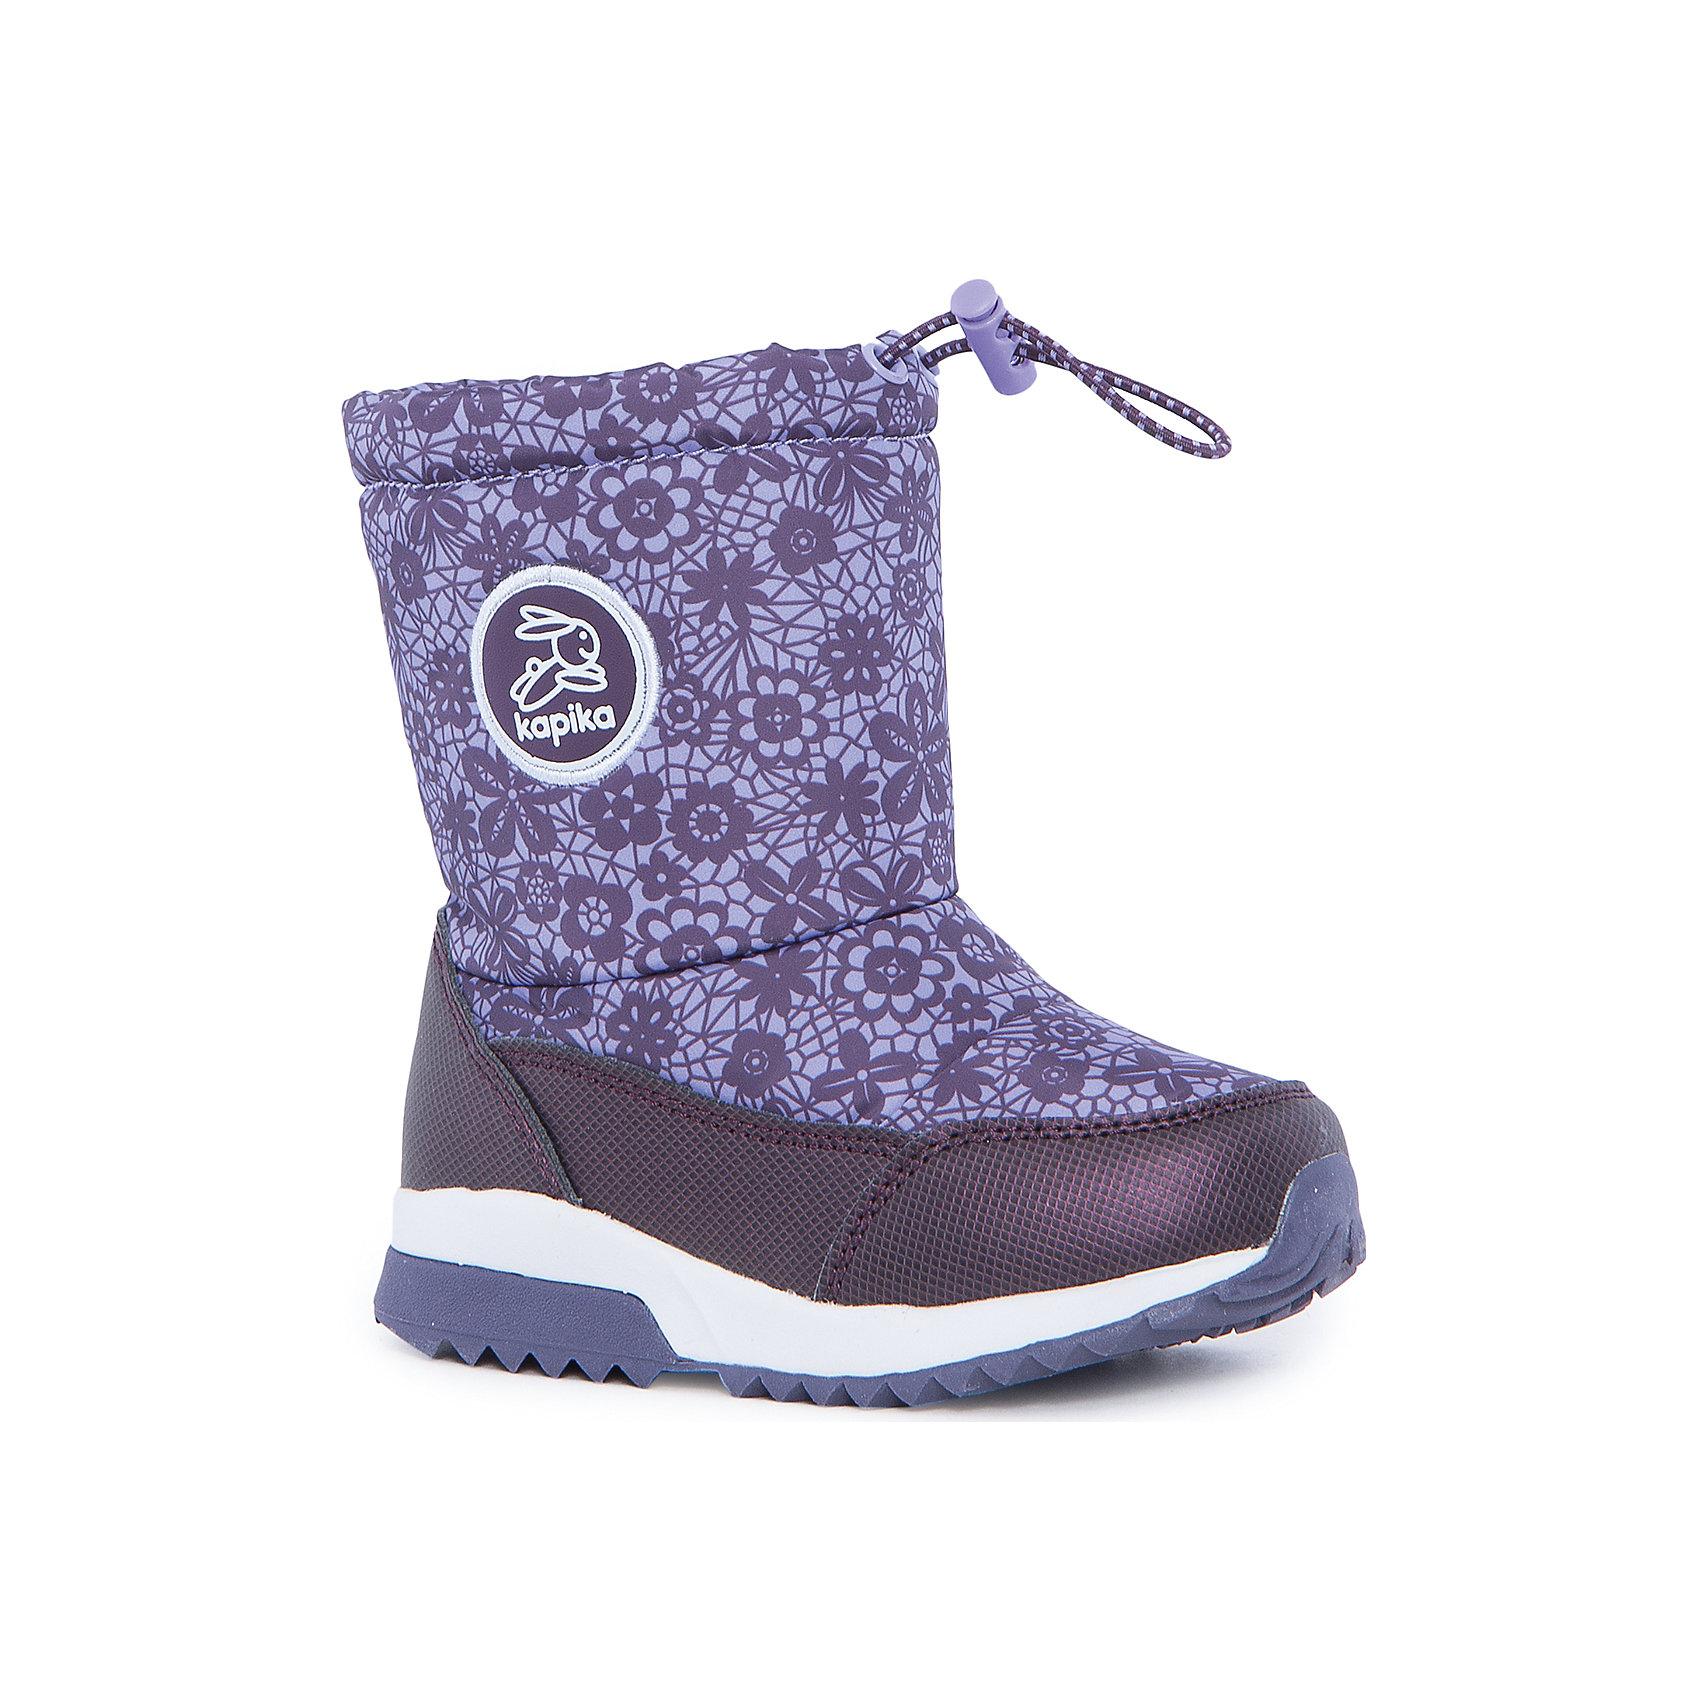 Полусапоги для девочки KAPIKAПолусапоги для девочки KAPIKA.<br><br>Температурный режим: до -20 градусов. Степень утепления – средняя. <br><br>* Температурный режим указан приблизительно — необходимо, прежде всего, ориентироваться на ощущения ребенка. <br><br>Сапоги-дутики защитят ноги малыша от снега и дождя. Благодаря теплому меху внутри их можно носить даже в очень холодную погоду. Подошва сделана с противоскользящим эффектом. Сверху есть резинка-утяжка, которая не даст влаге проникнуть через верх. <br><br>Дополнительная информация:<br><br>- материал верха: искусственная кожа, текстиль<br>- материал подкладки: 80% шерсть, 20% искусственный мех<br>- цвет: сиреневый<br><br>Полусапоги для девочки KAPIKA можно купить в нашем интернет магазине.<br><br>Ширина мм: 257<br>Глубина мм: 180<br>Высота мм: 130<br>Вес г: 420<br>Цвет: фиолетовый<br>Возраст от месяцев: 18<br>Возраст до месяцев: 21<br>Пол: Женский<br>Возраст: Детский<br>Размер: 23,27,24,25,26<br>SKU: 4988178